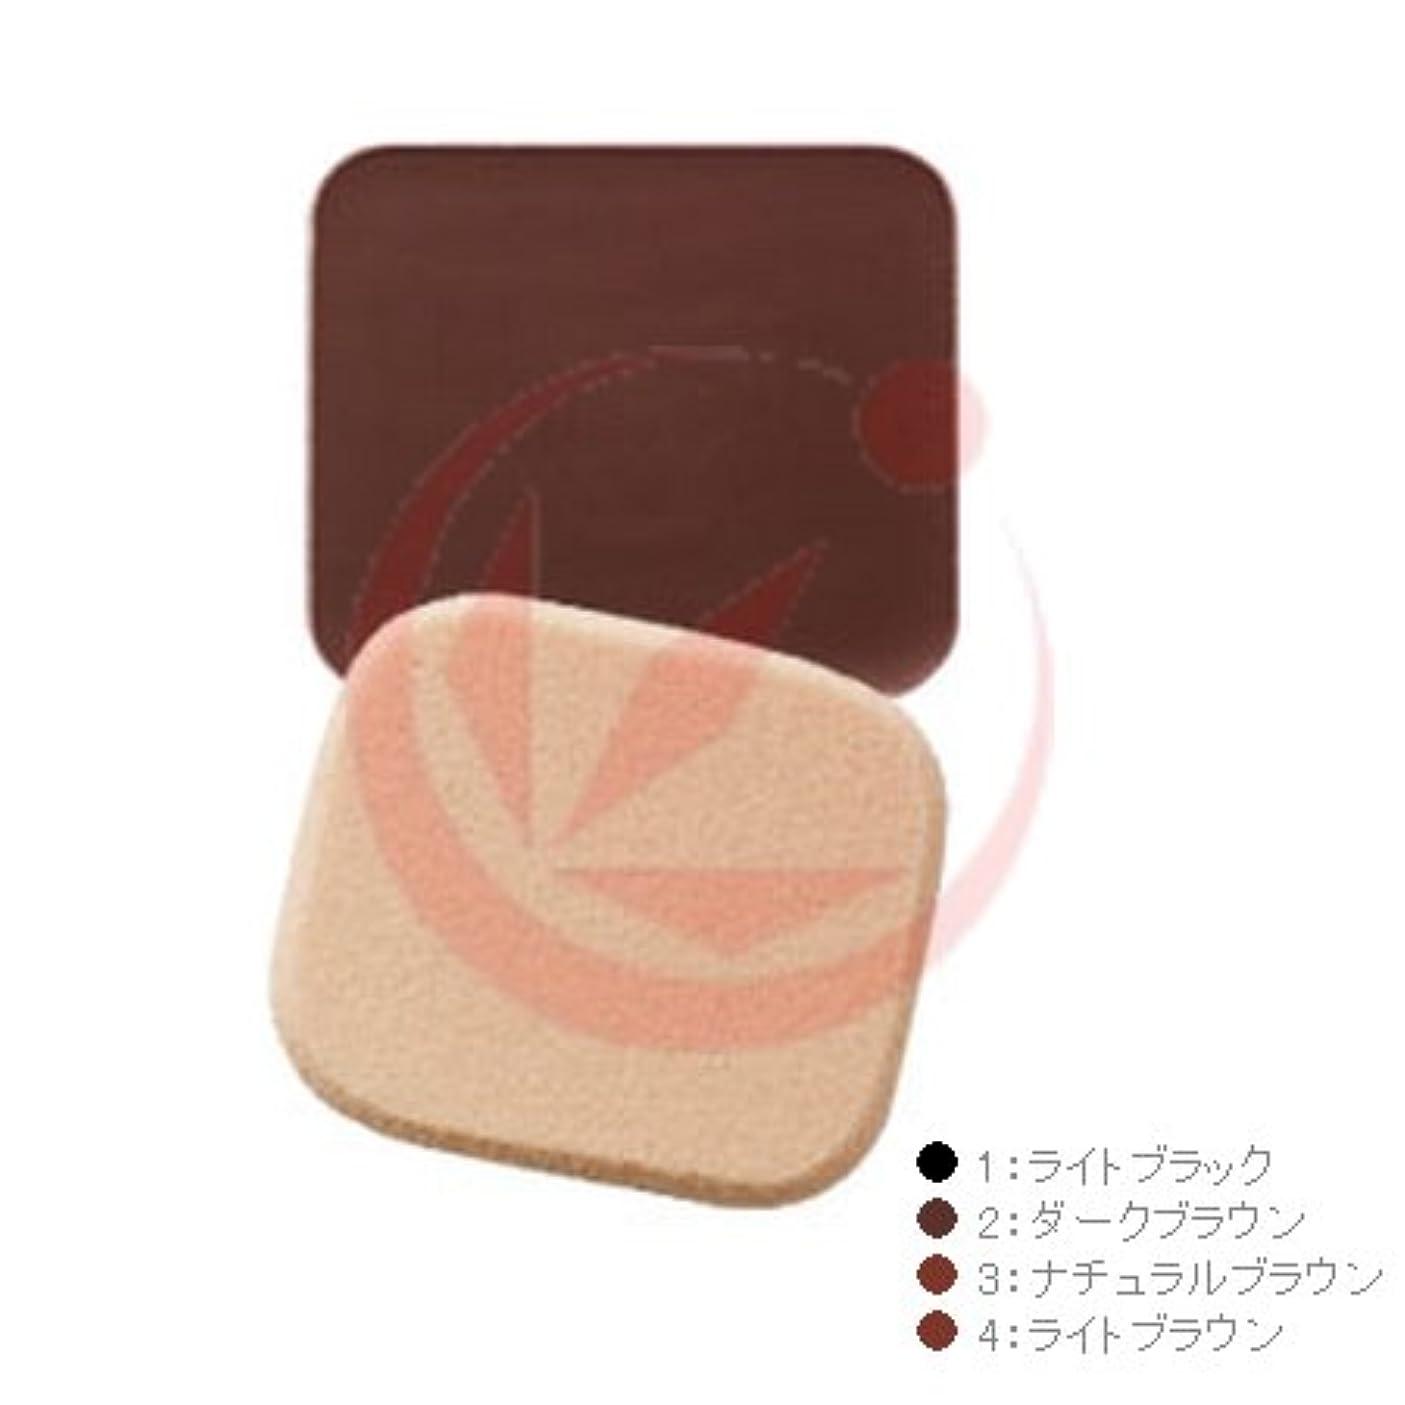 料理以下シェフイリヤ 彩(いろどり) ヘアファンデーション 13g 詰替用 パフ付 ライトブラウン